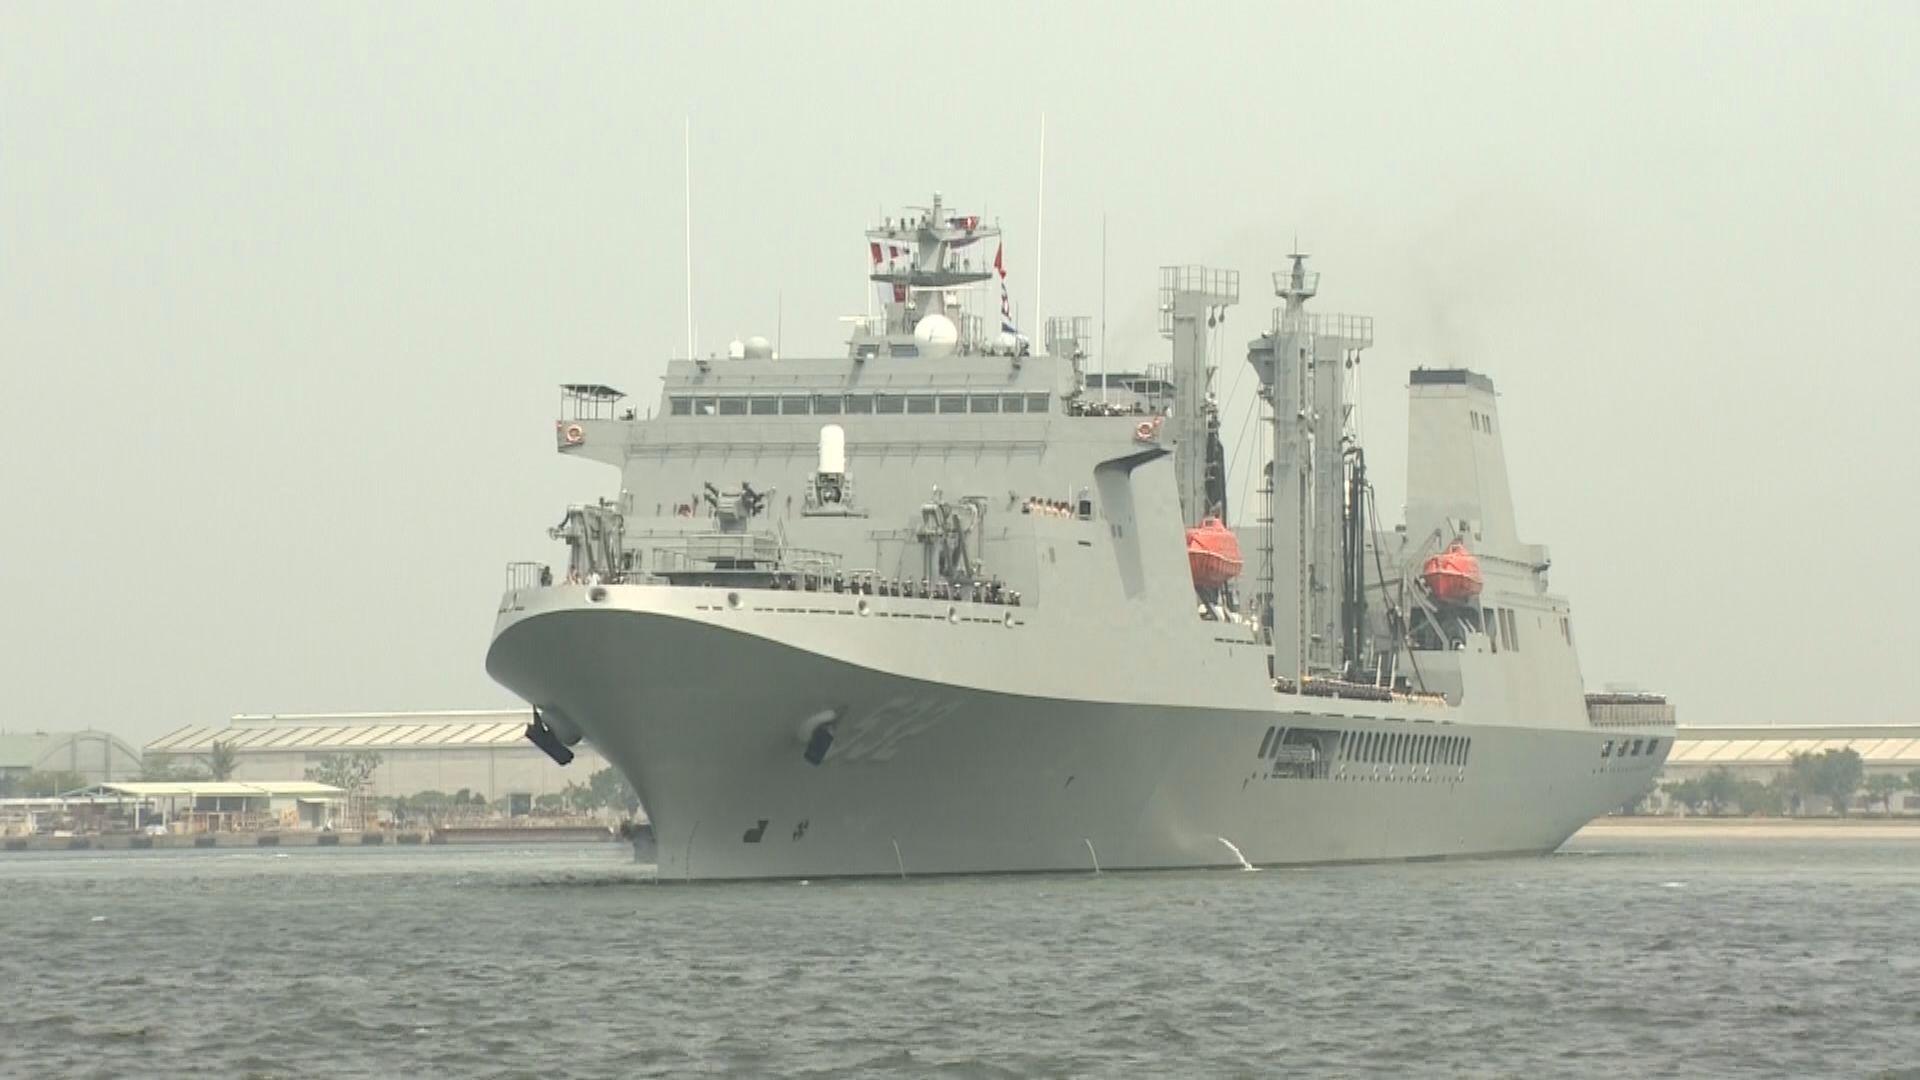 台灣敦睦艦隊至少24人確診 專家指最多出現六波傳播